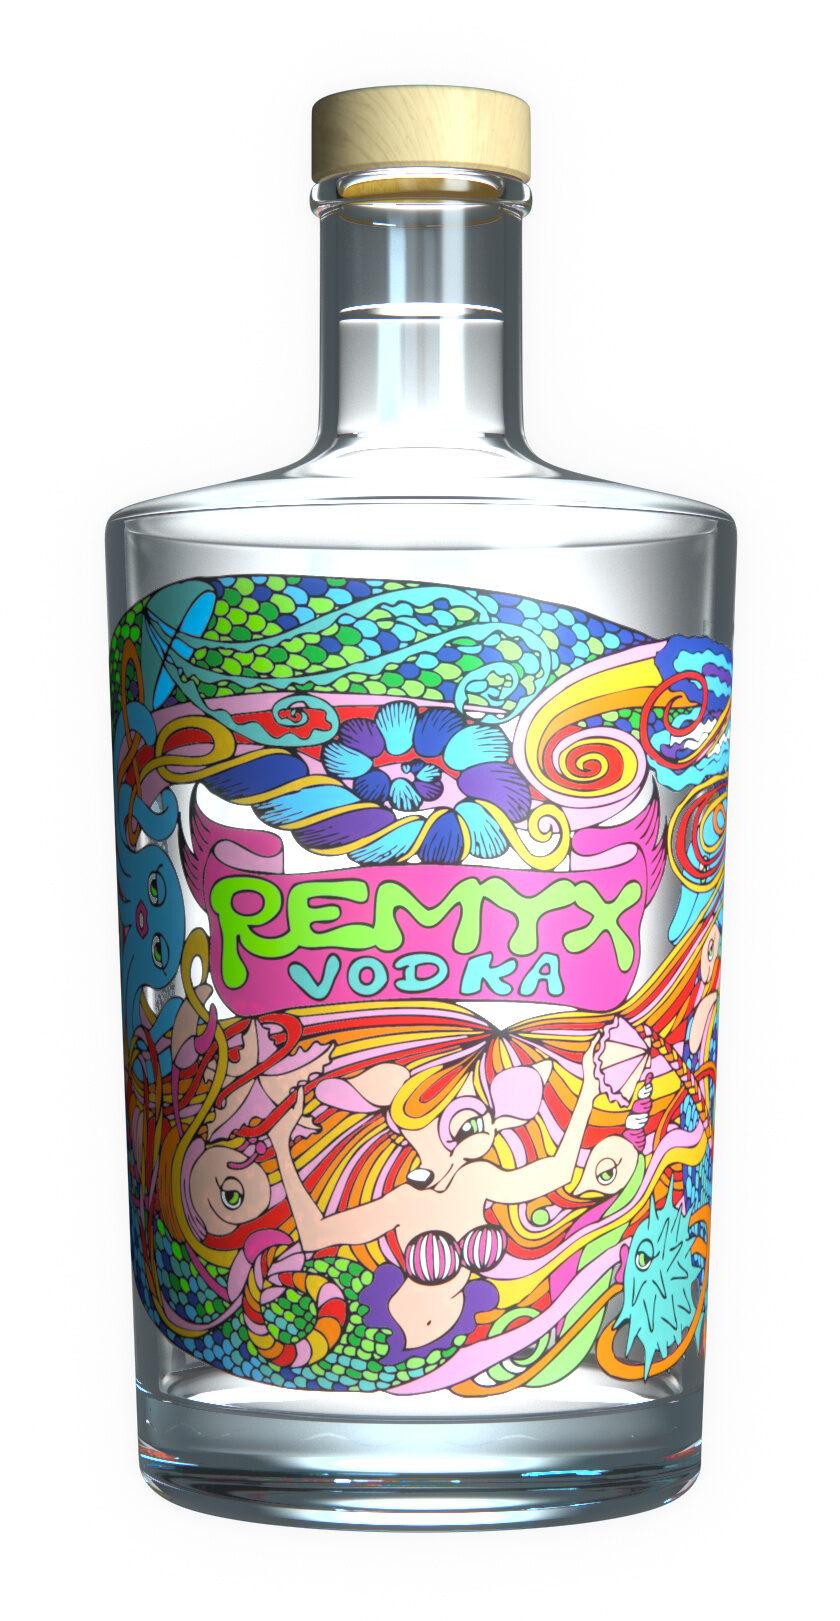 REMYX VODKA Aquatique - Produit - fr